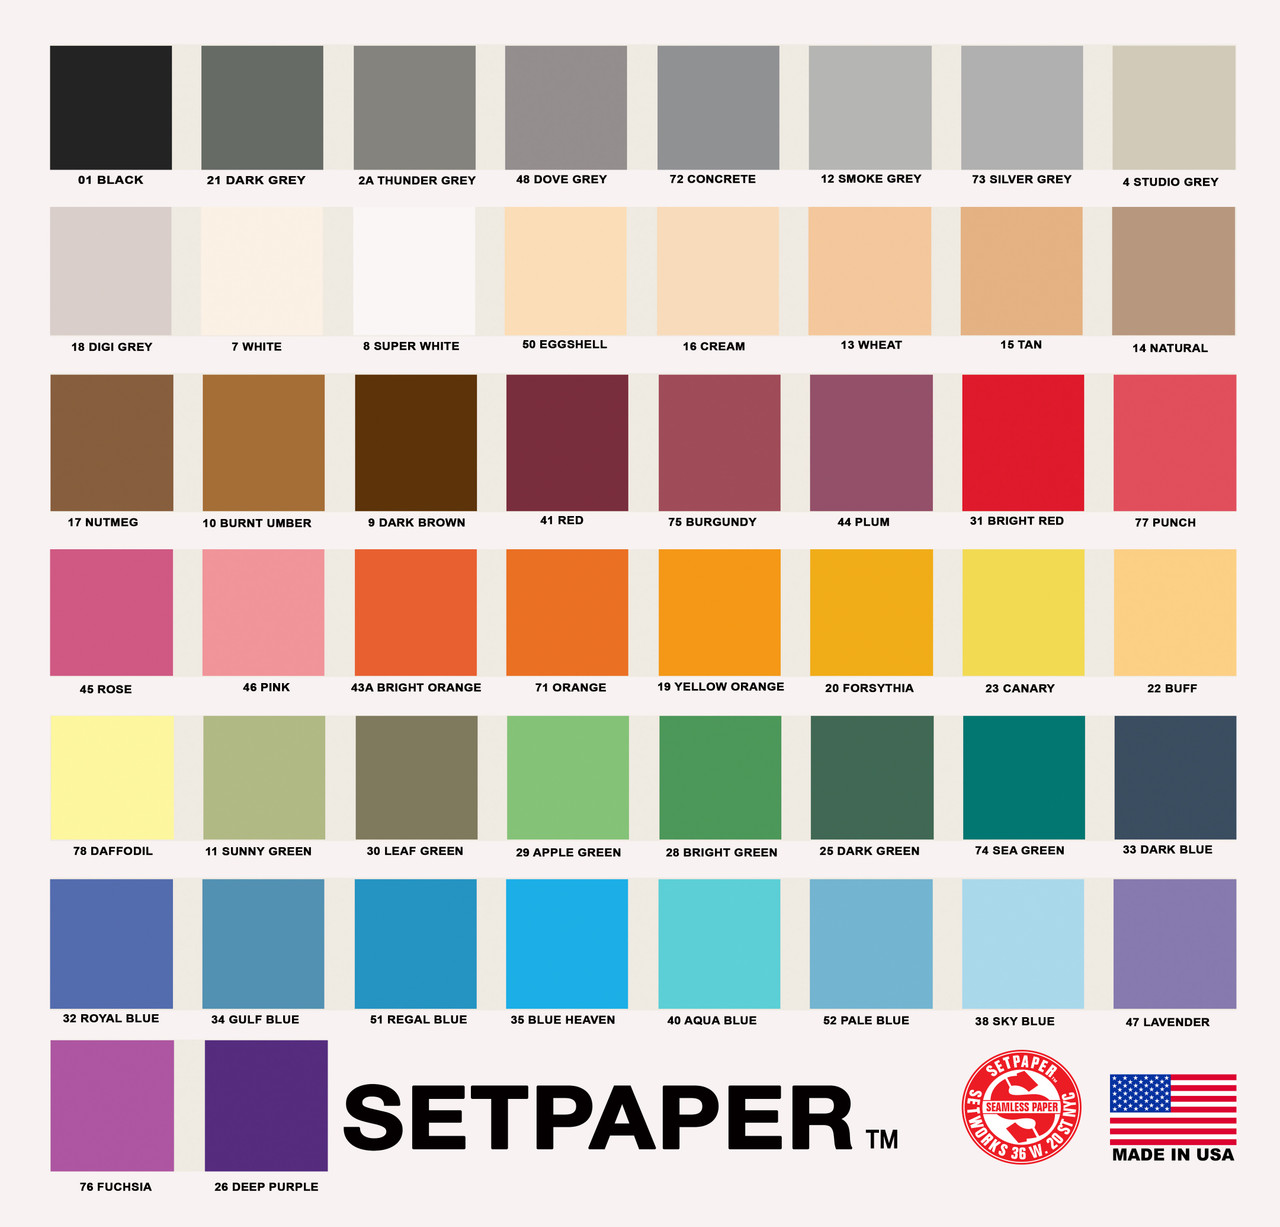 SETPAPER COLOR CHART (E-MAIL COLOR CHART)